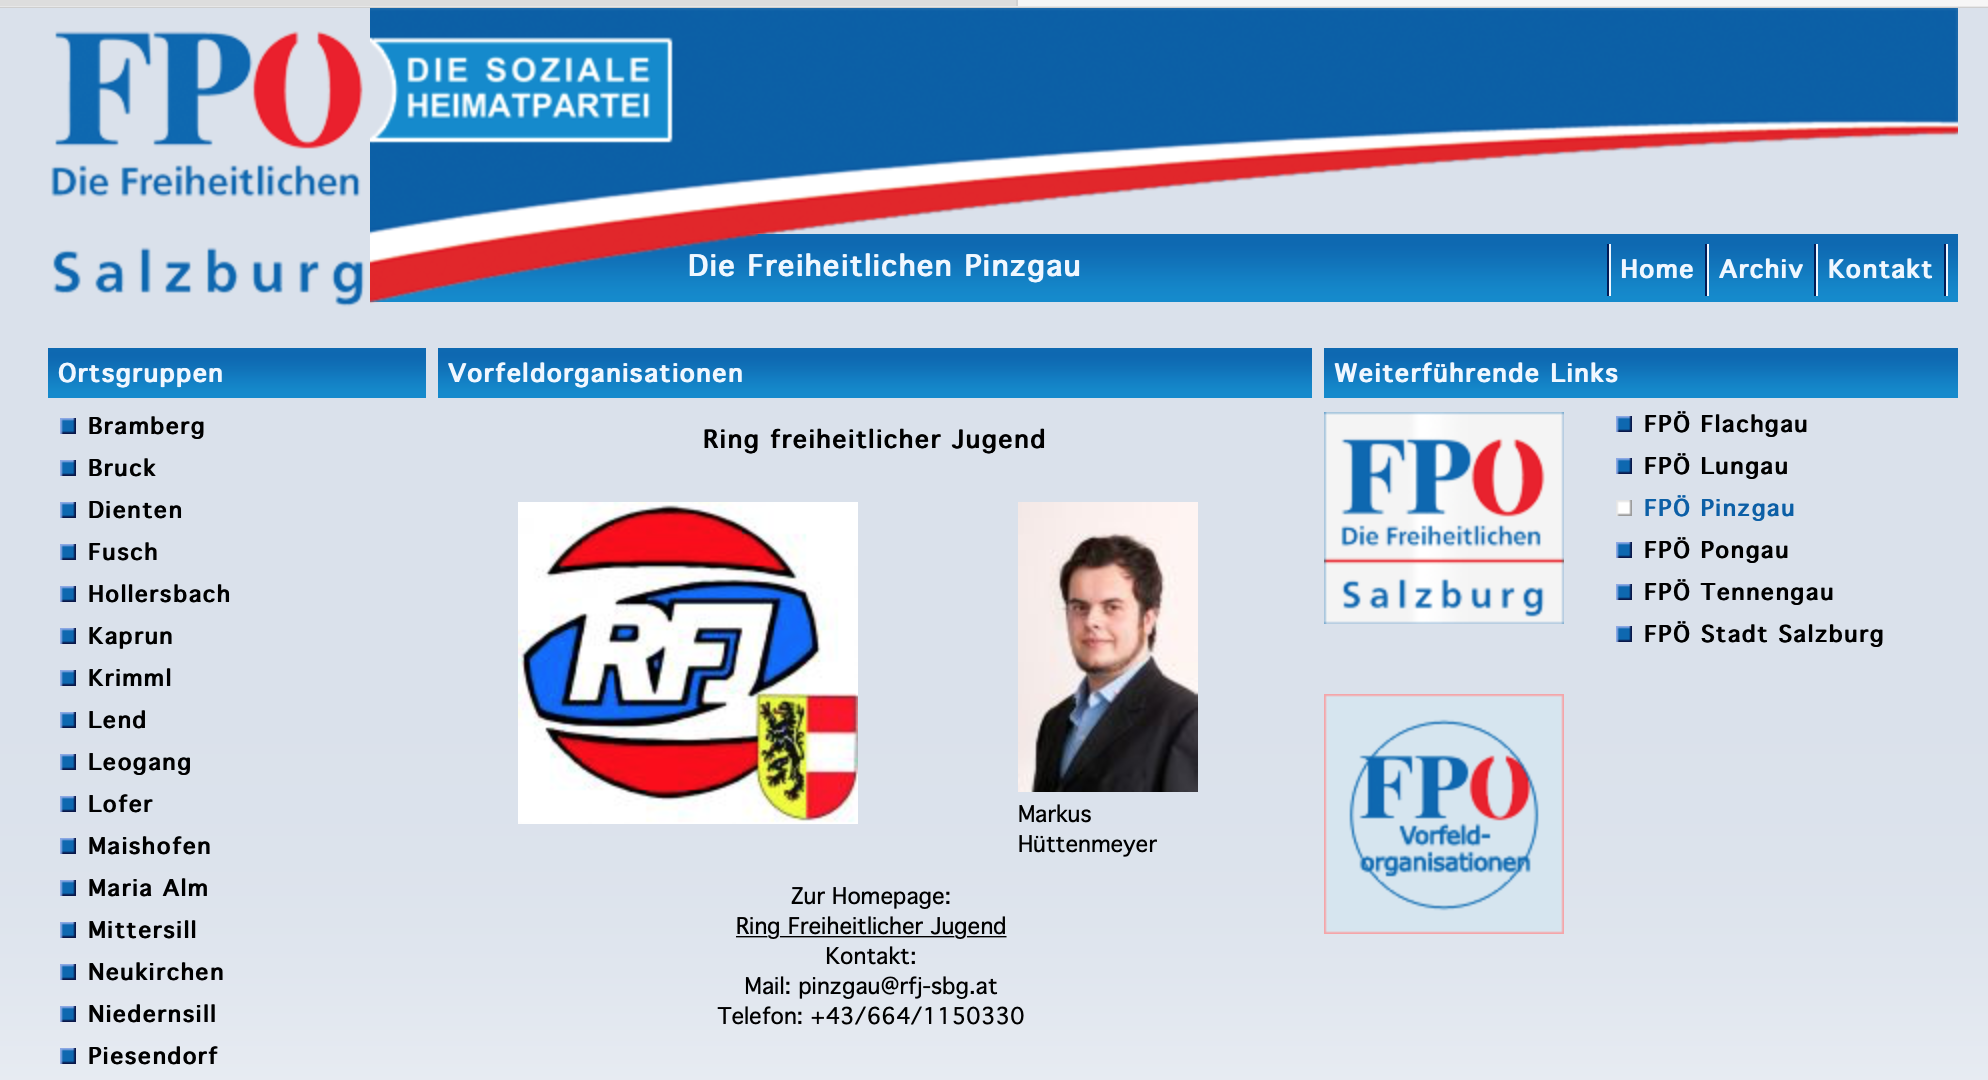 Hüttenmeyer auf der Website der FPÖ Salzburg/Pinzgau (Stand 4.1.19)